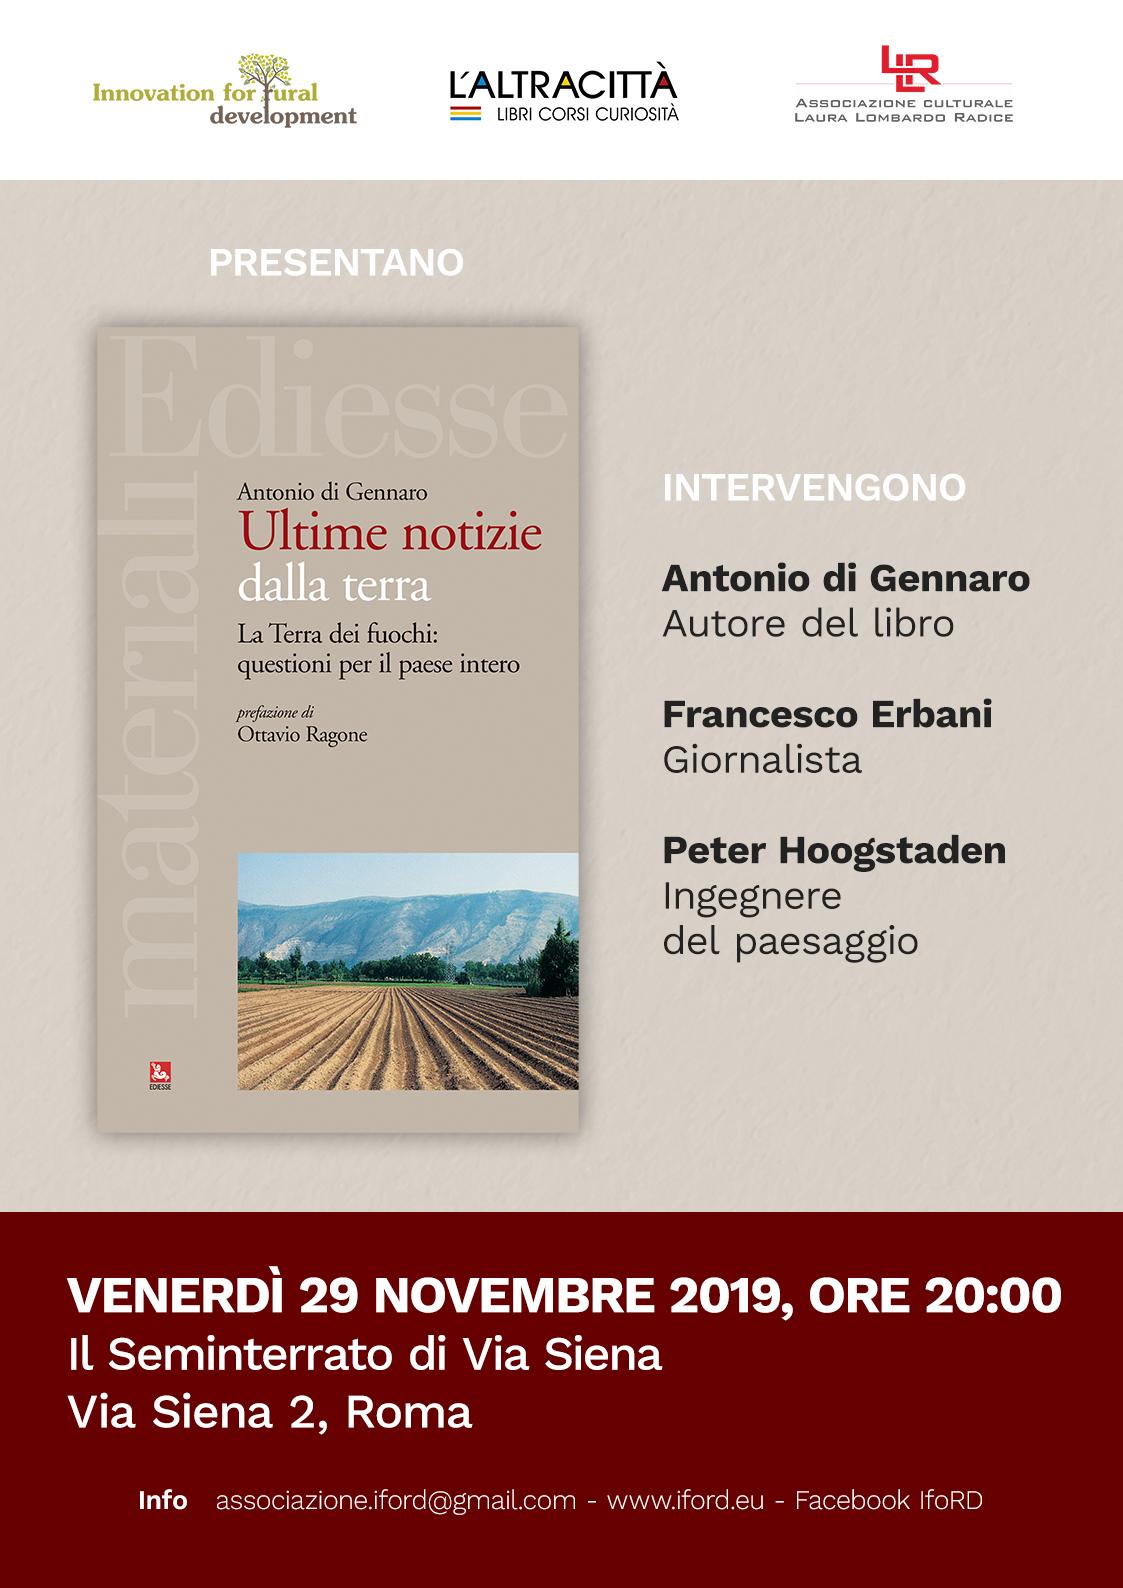 IfoRD – Innovation for Rural Development – Antonio di Gennaro